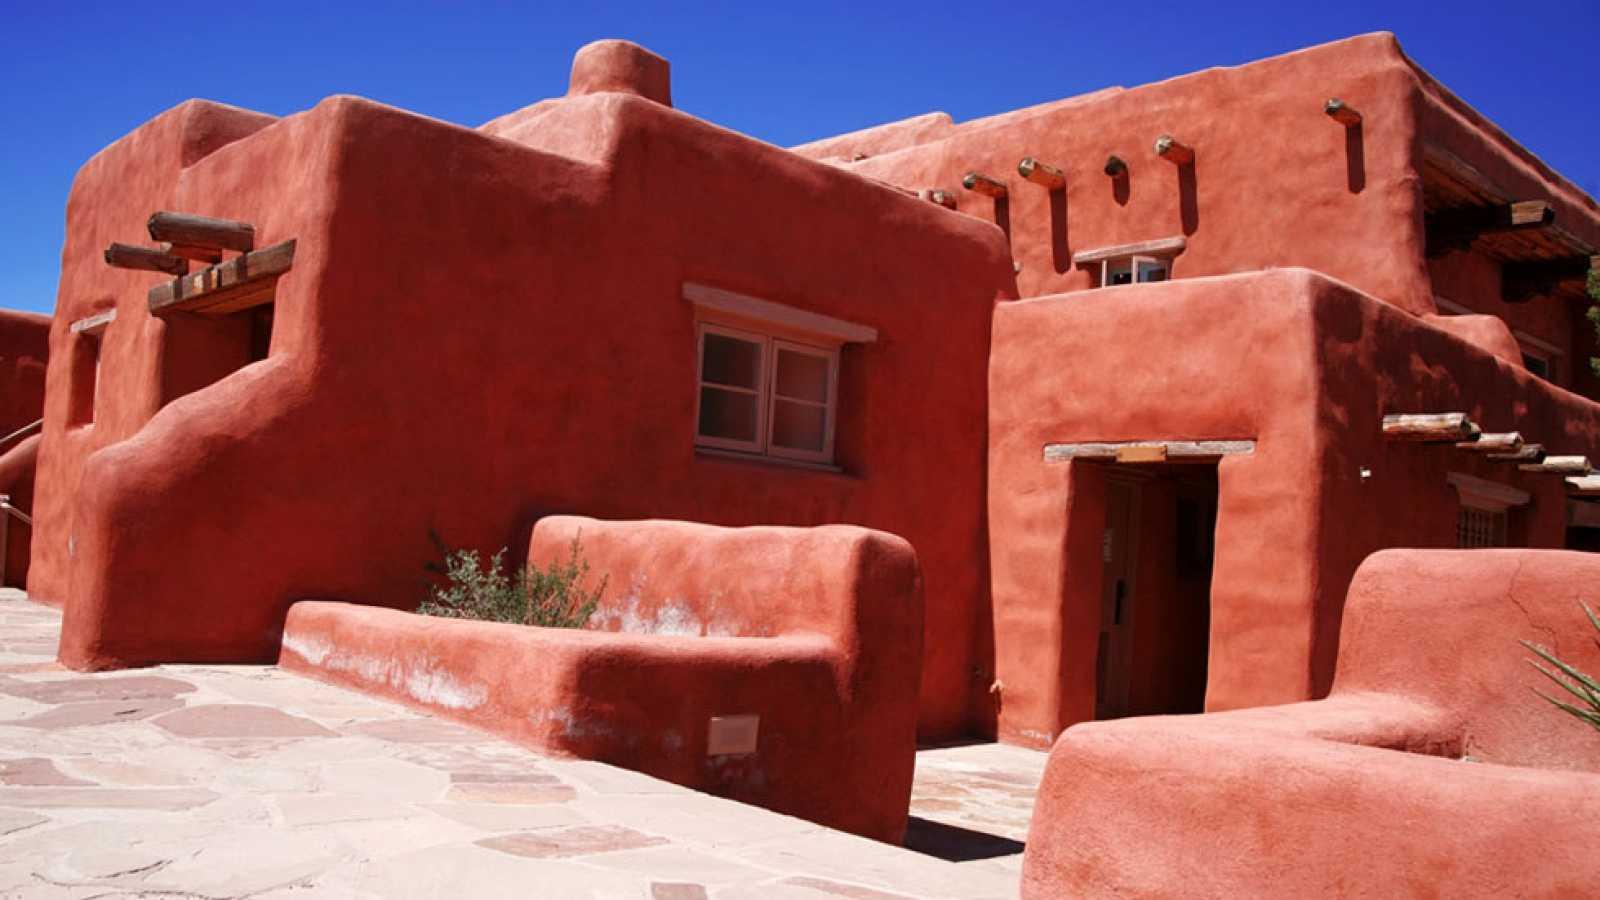 Las casas de adobe empiezan a construirse en España para luchar contra el calor